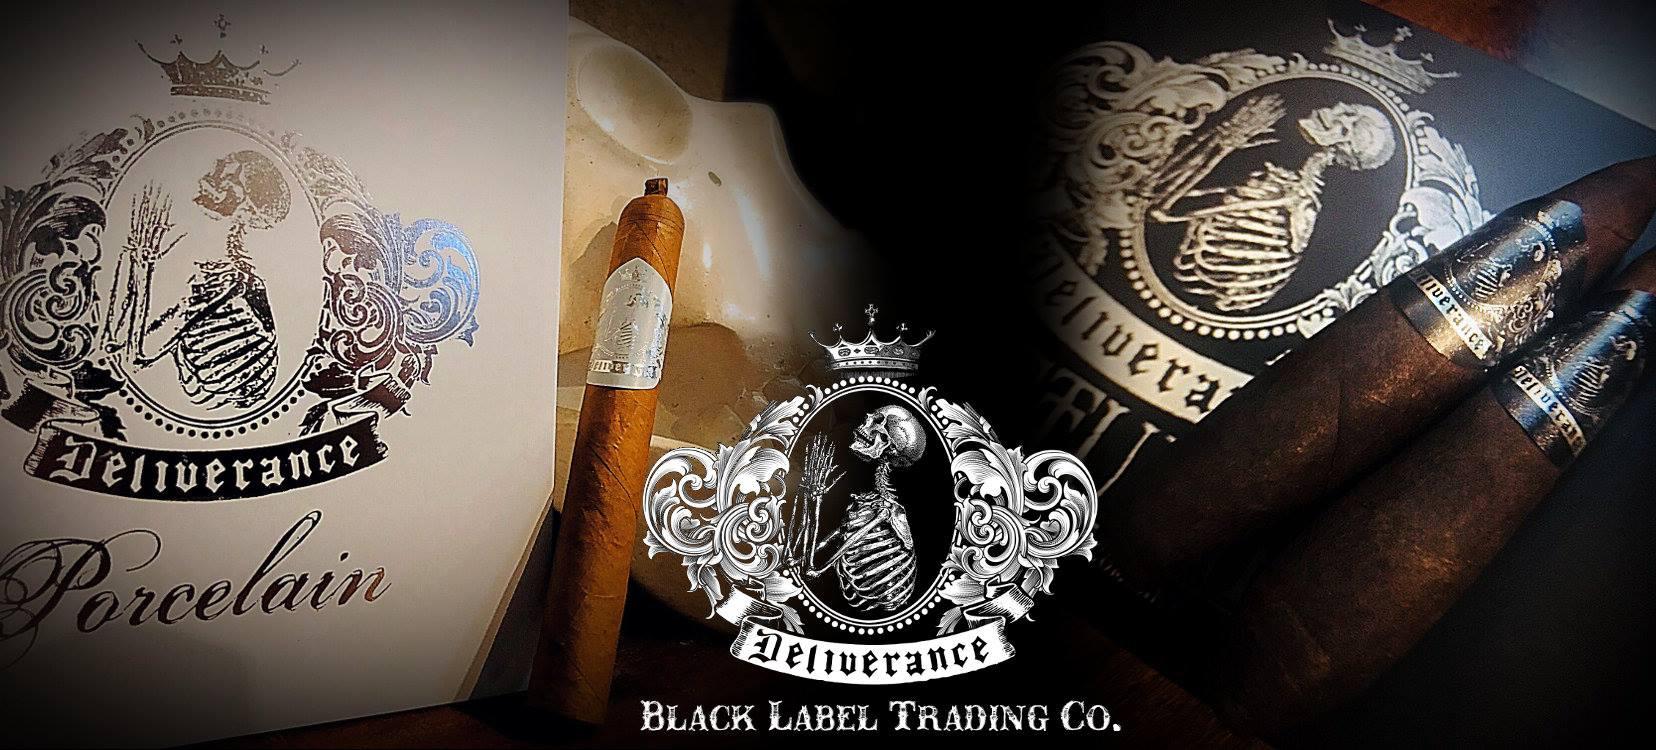 Cigar News: Black Label Trading Company Releases Deliverance Nocturne and Deliverance Porcelain 2018